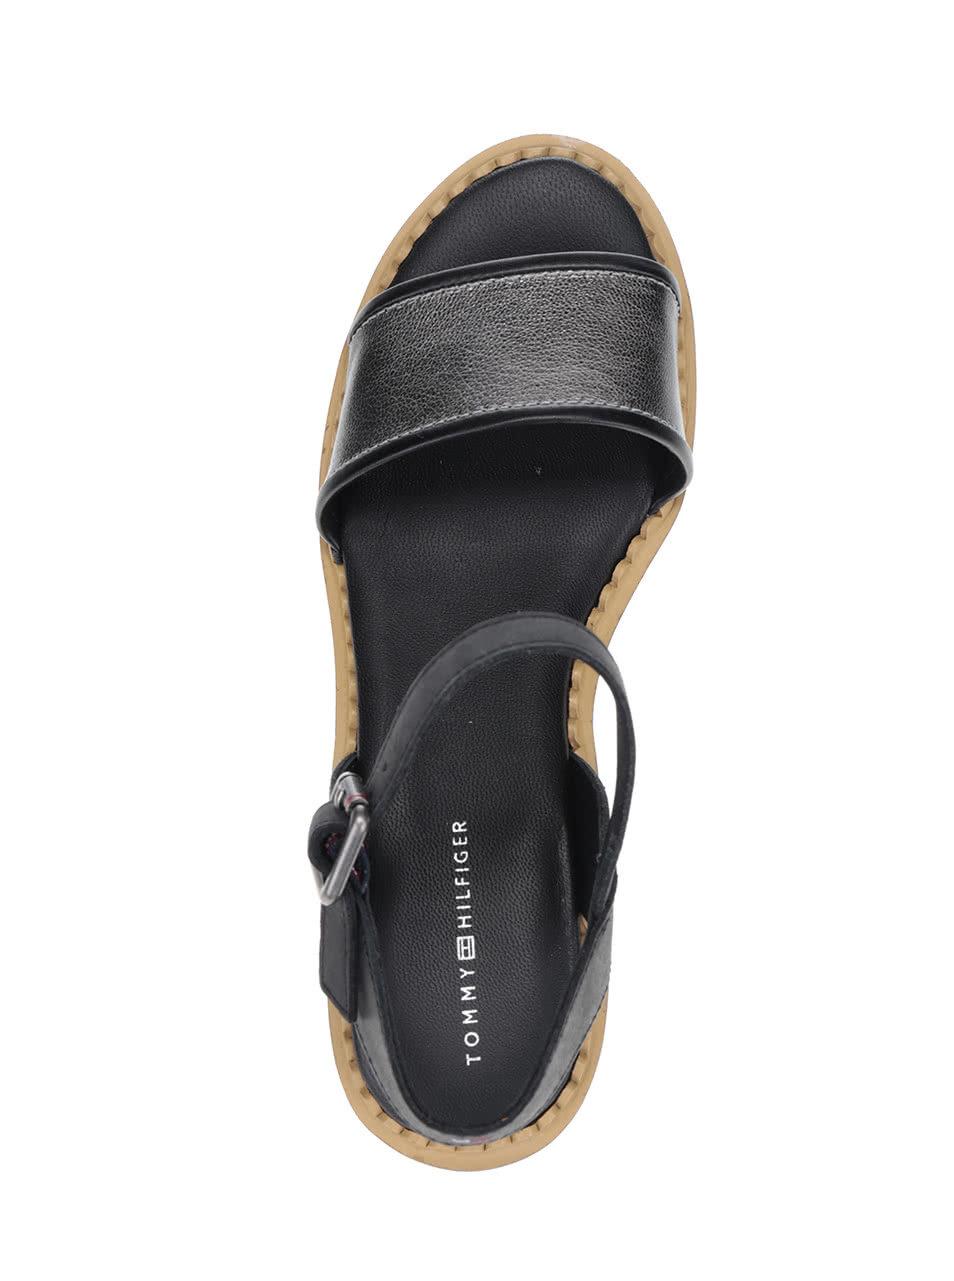 Krémovo-černé dámské kožené sandály na platformě Tommy Hilfiger ... 2af5055d23c